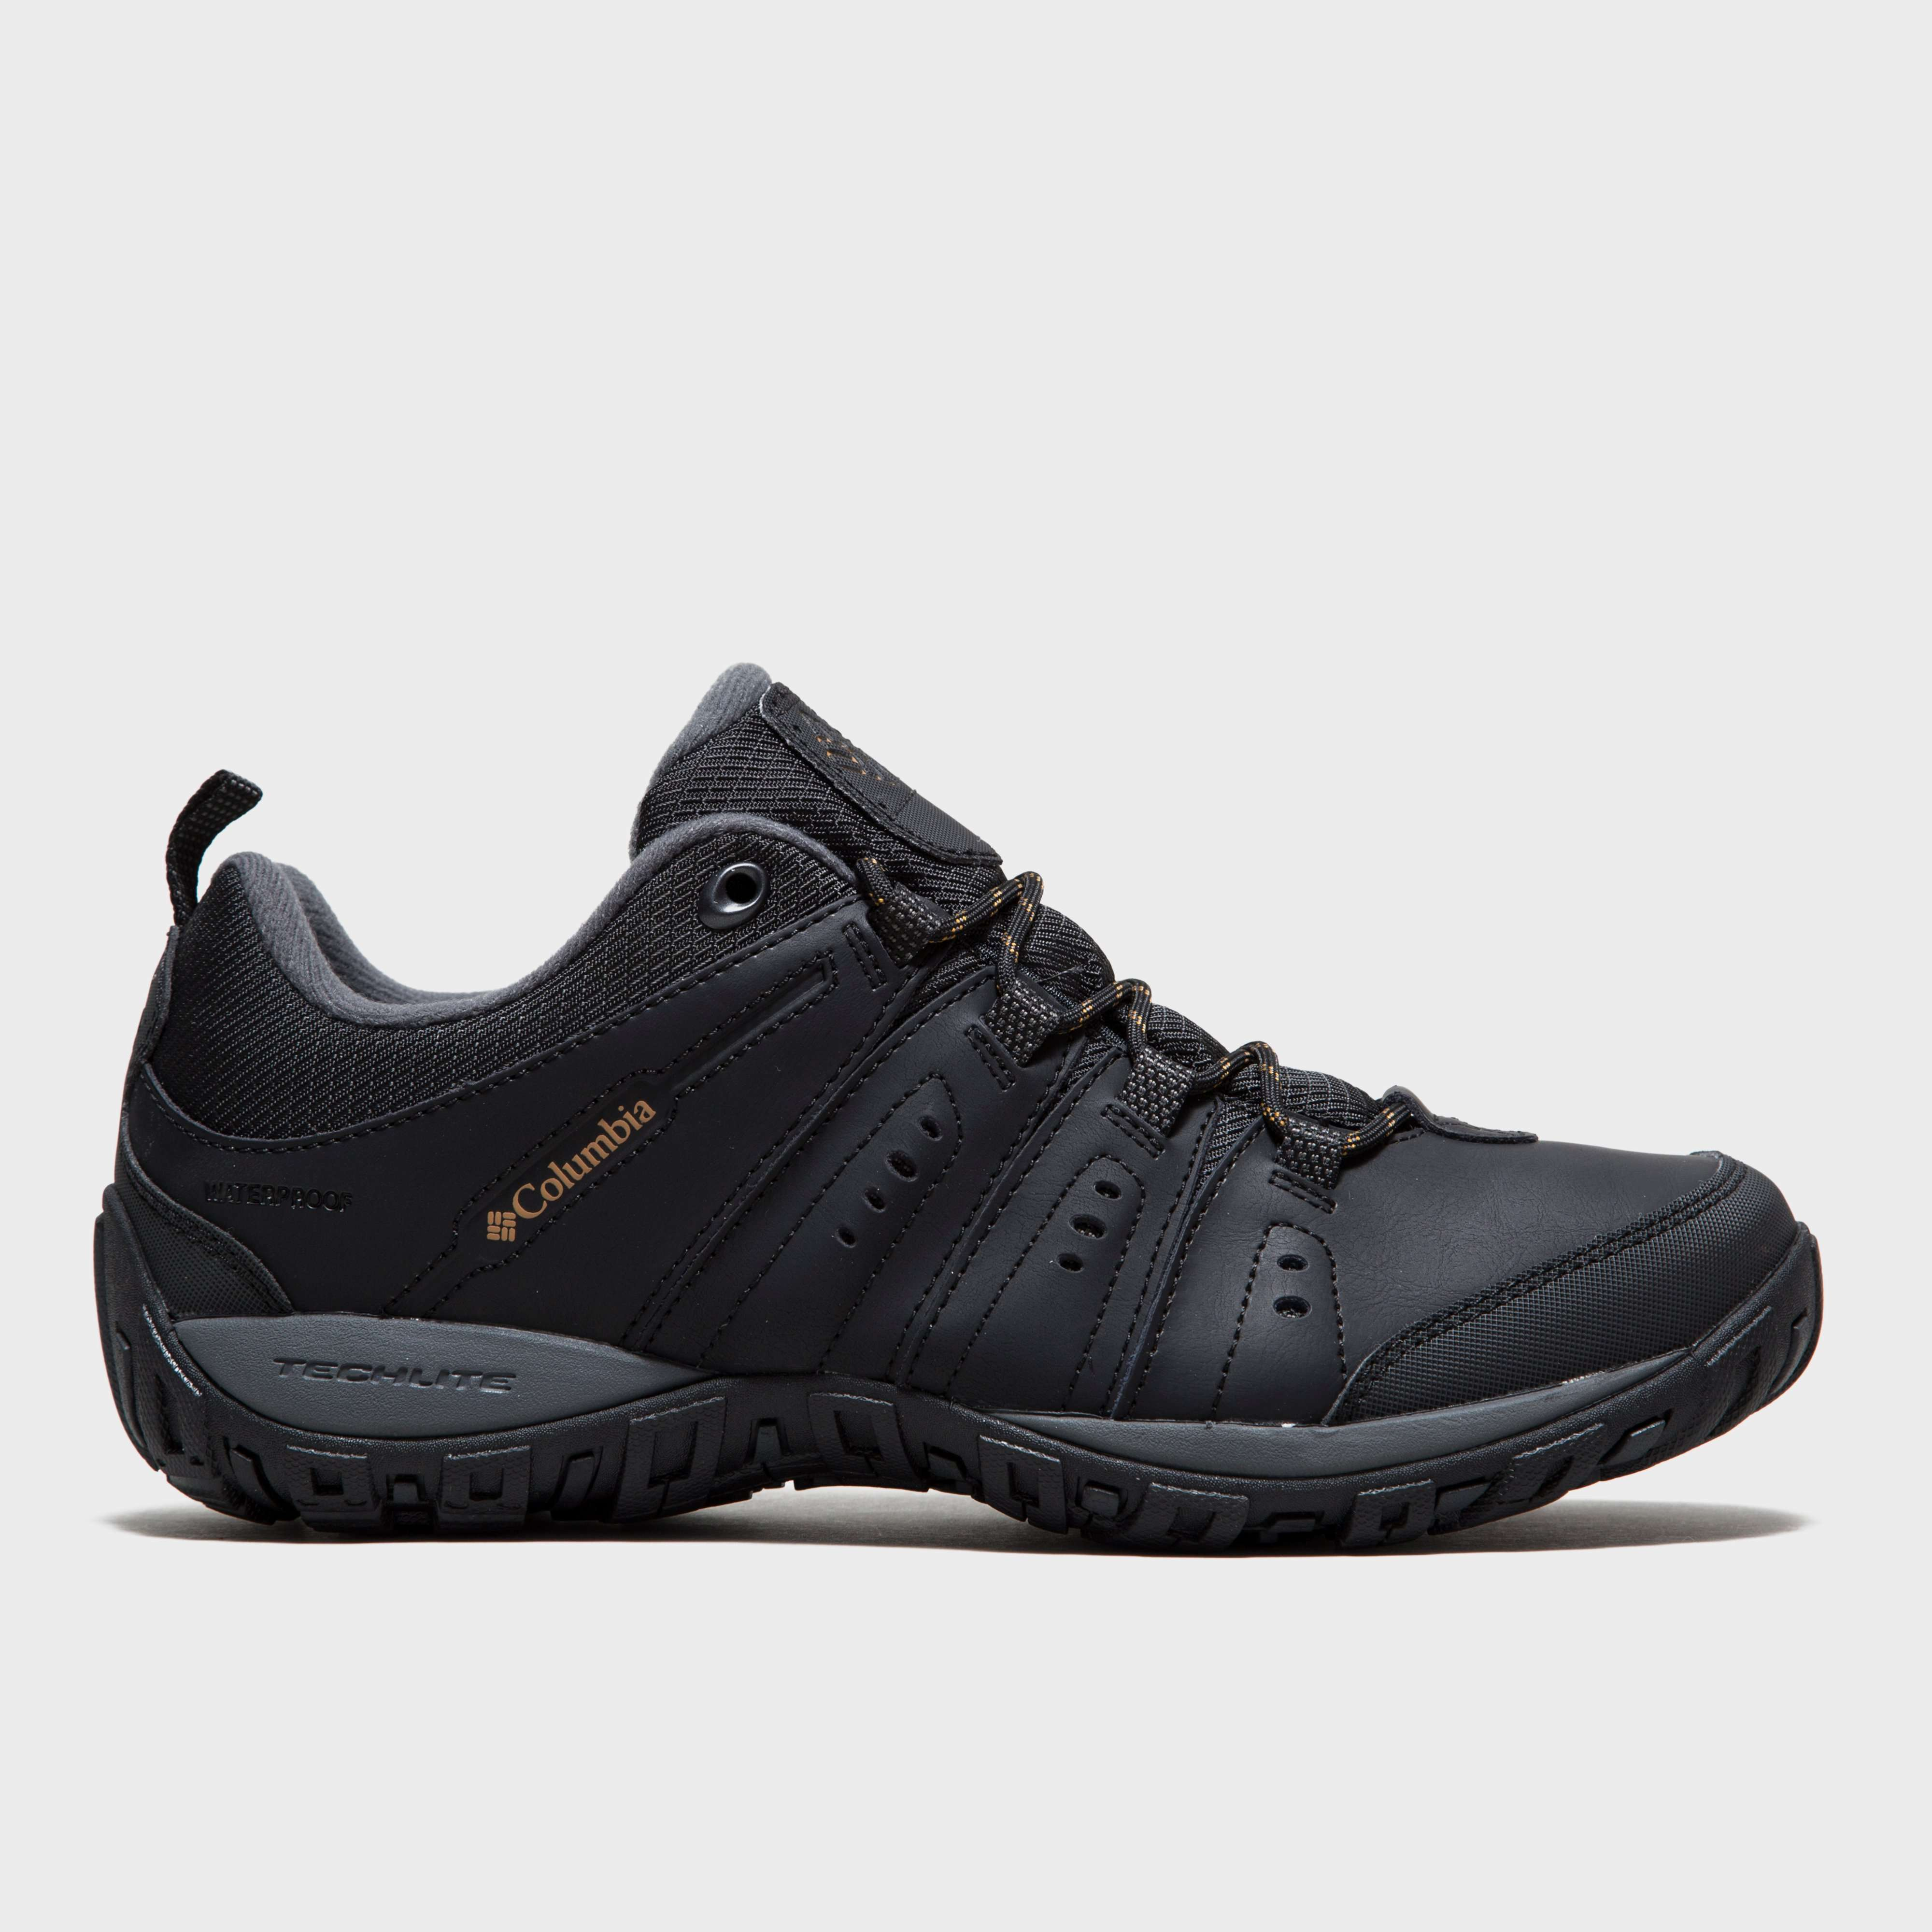 COLUMBIA Men's Woodburn II Waterproof Shoe